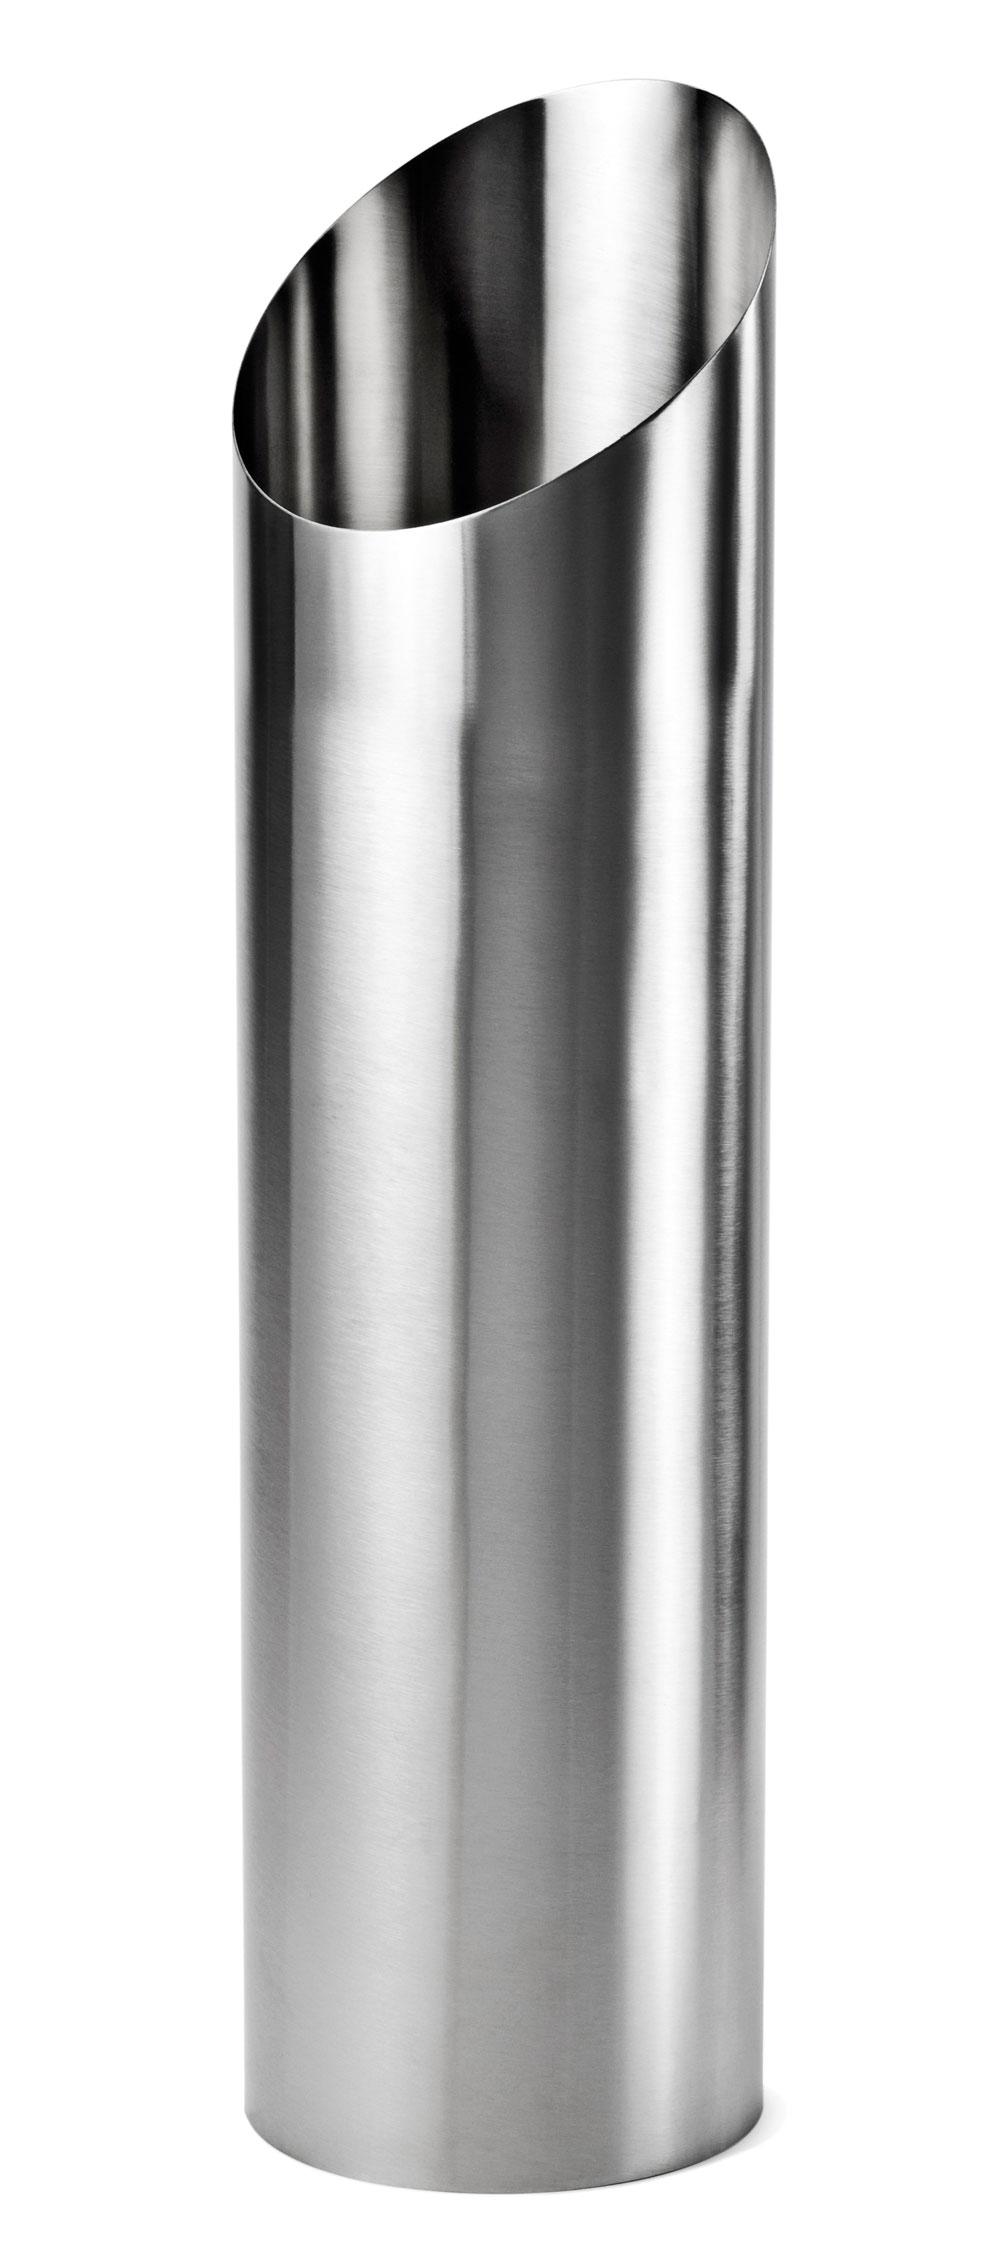 Gartenfeuer feuers ule bio ethanol 61cm bei - Gartenfeuer ethanol ...